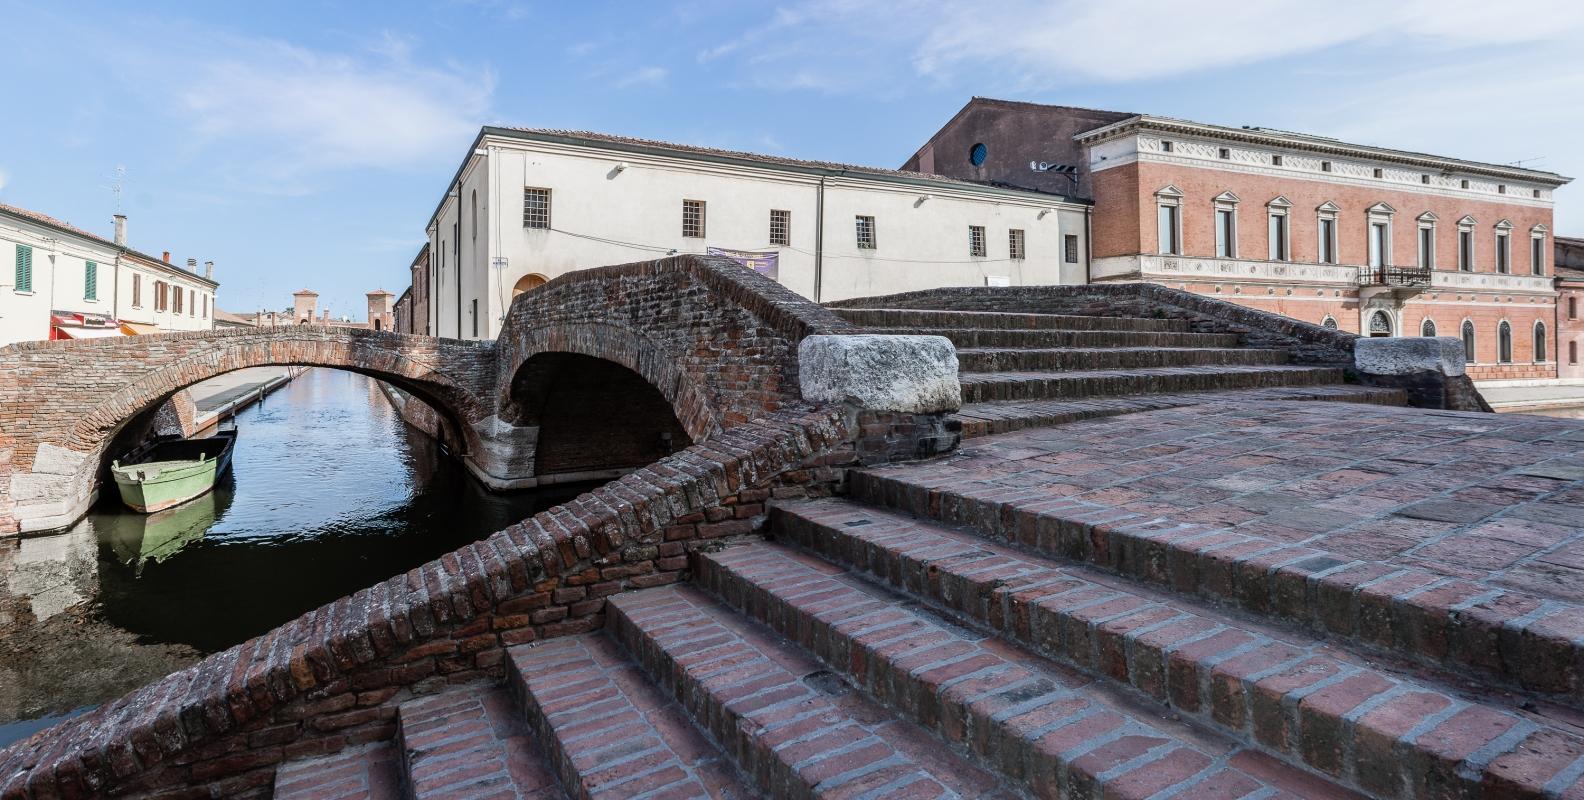 Panoramica dal Ponte degli Sbirri - Vanni Lazzari - Comacchio (FE)